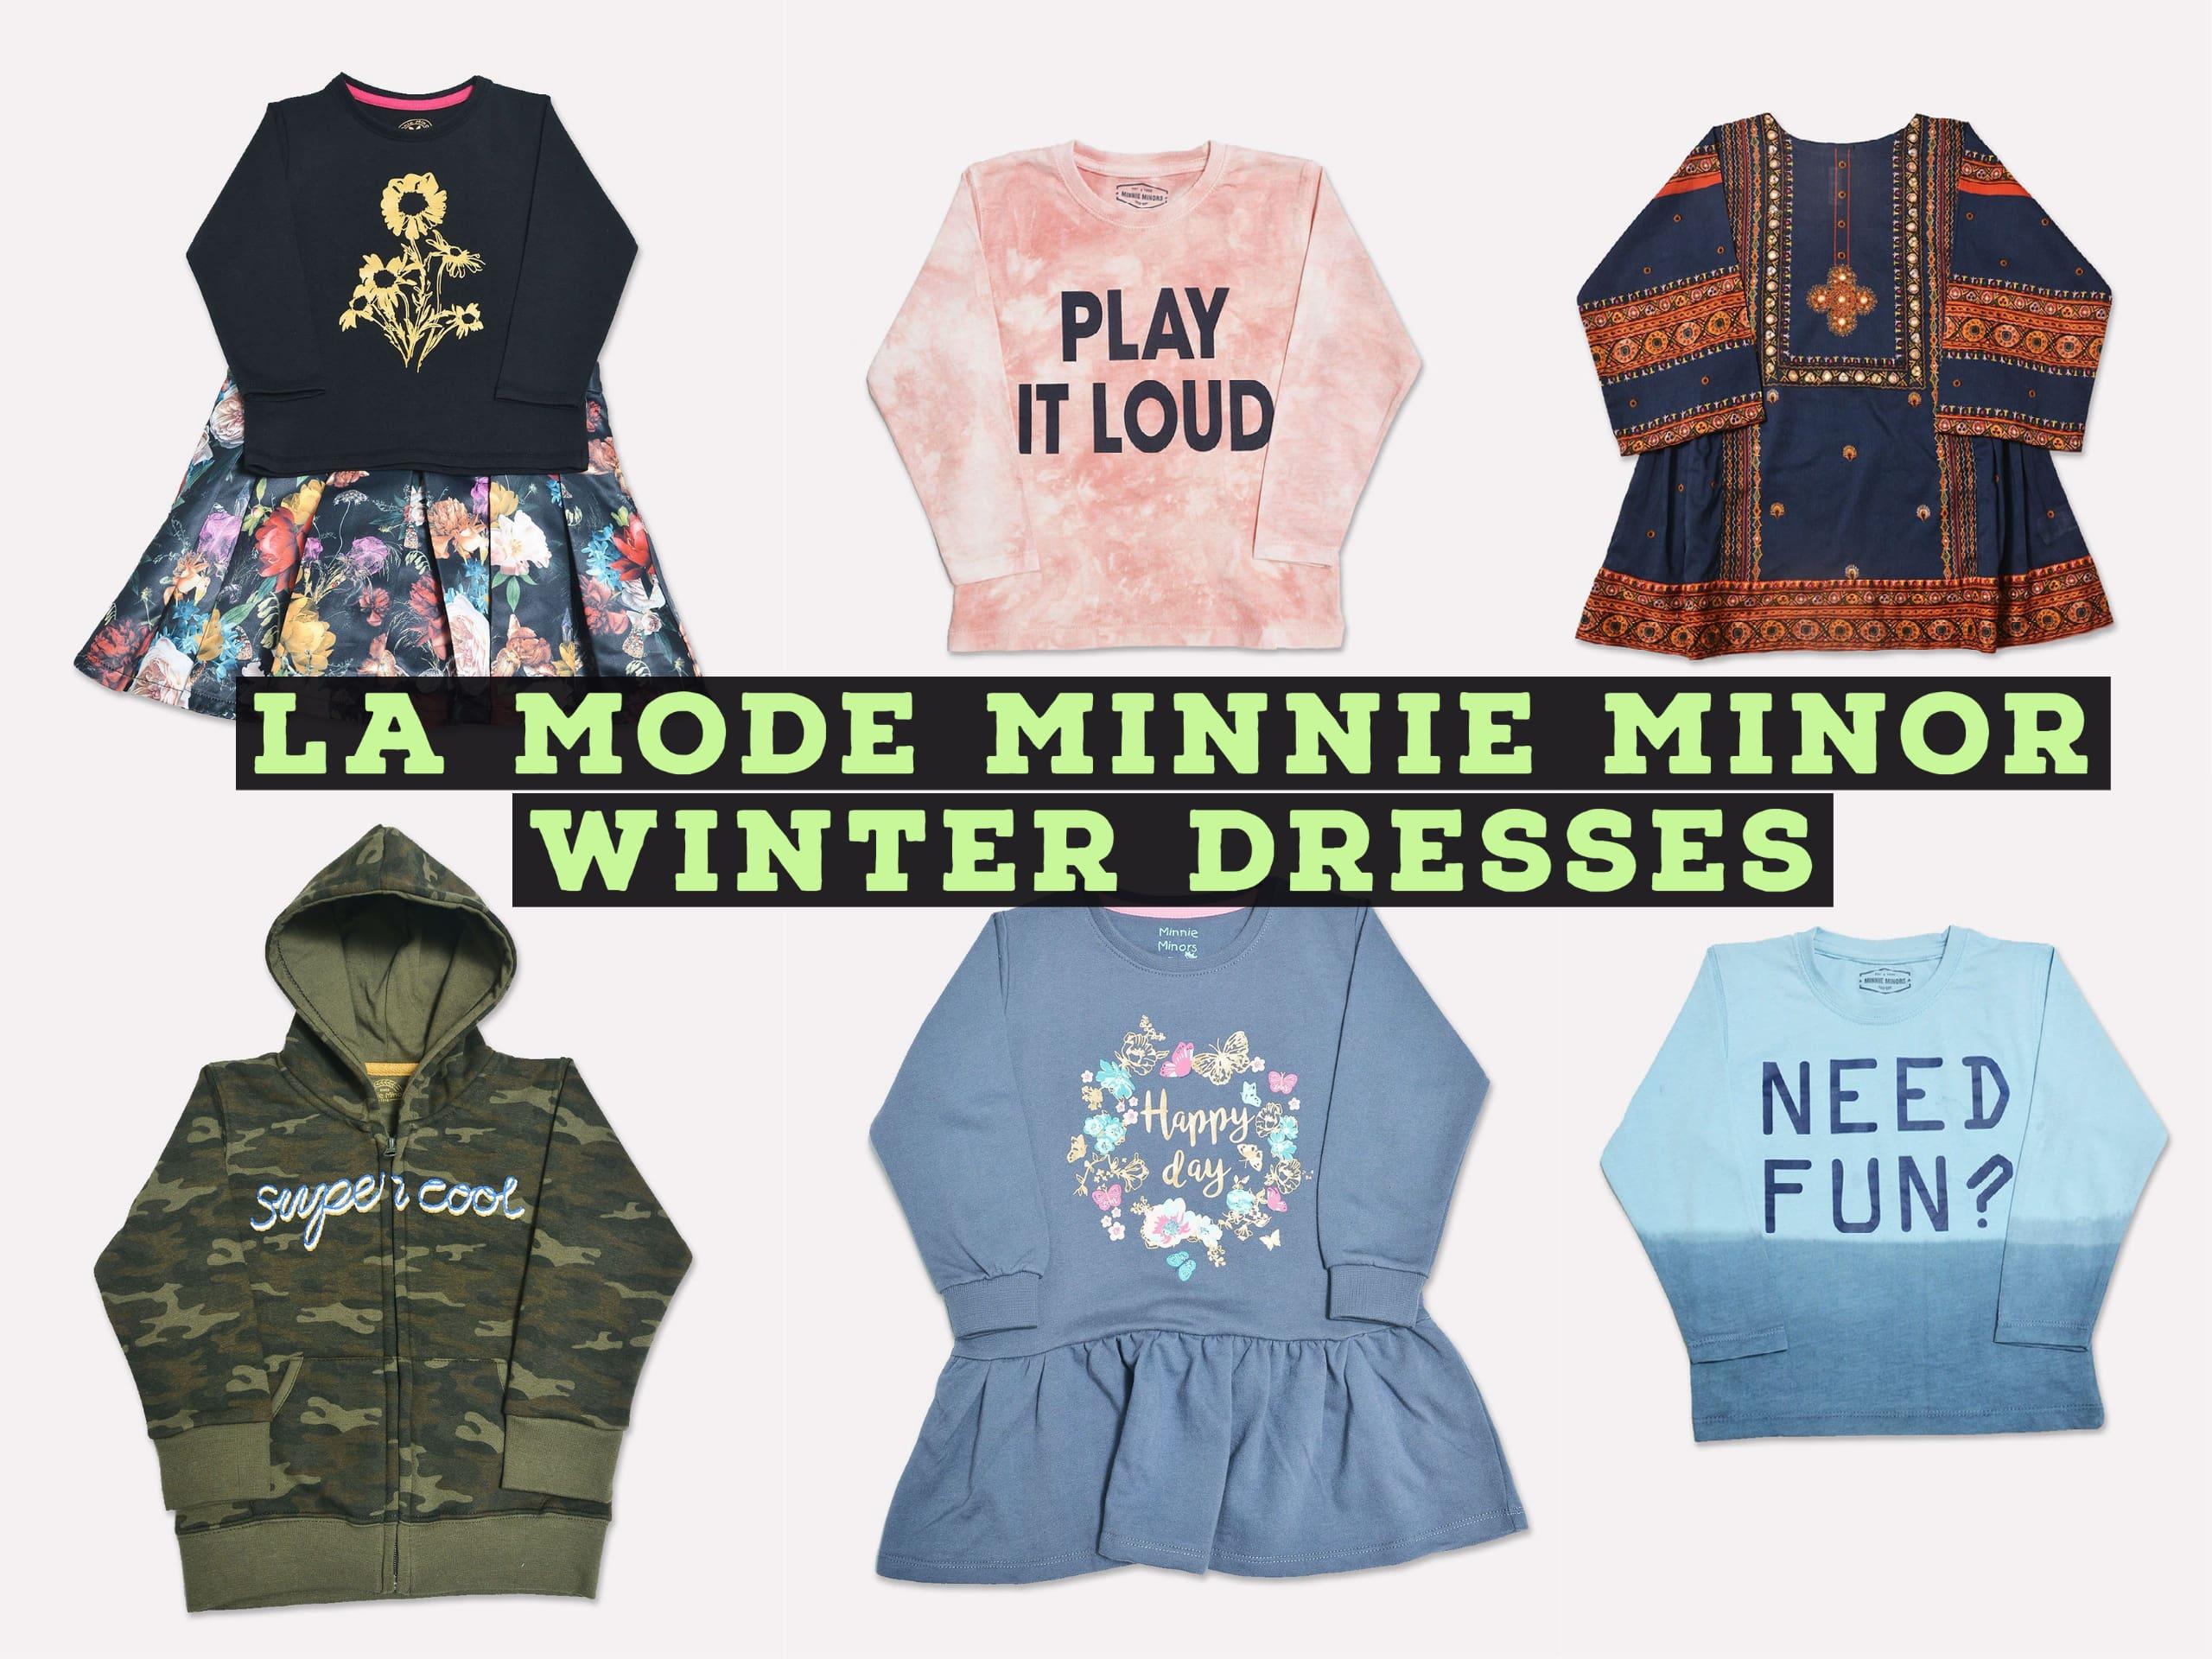 A La Mode Minnie Minor Winter Dresses For Boys